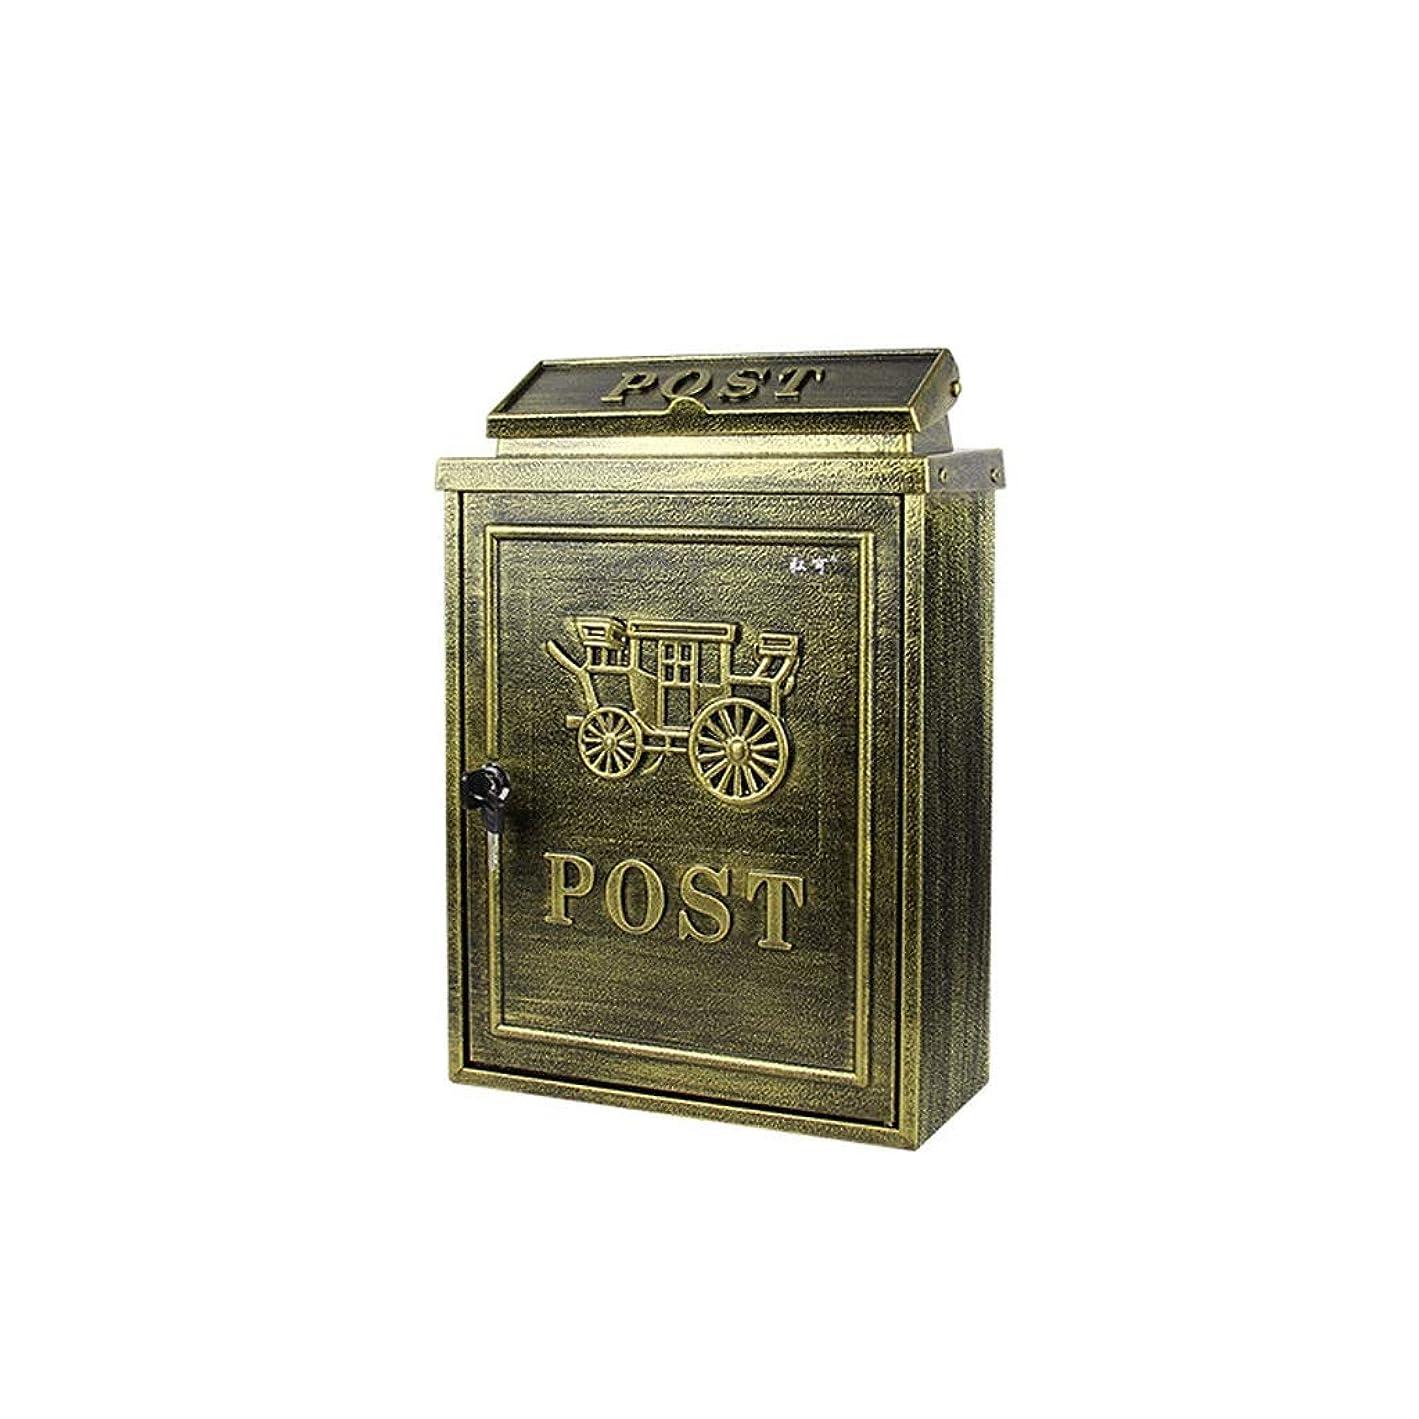 食べる七面鳥有益YQCS●LS ヨーロッパの古典的な別荘メールボックス、メールボックスのレターボックスアンティークメタリック、 - ビンテージ手紙メールポストボックス